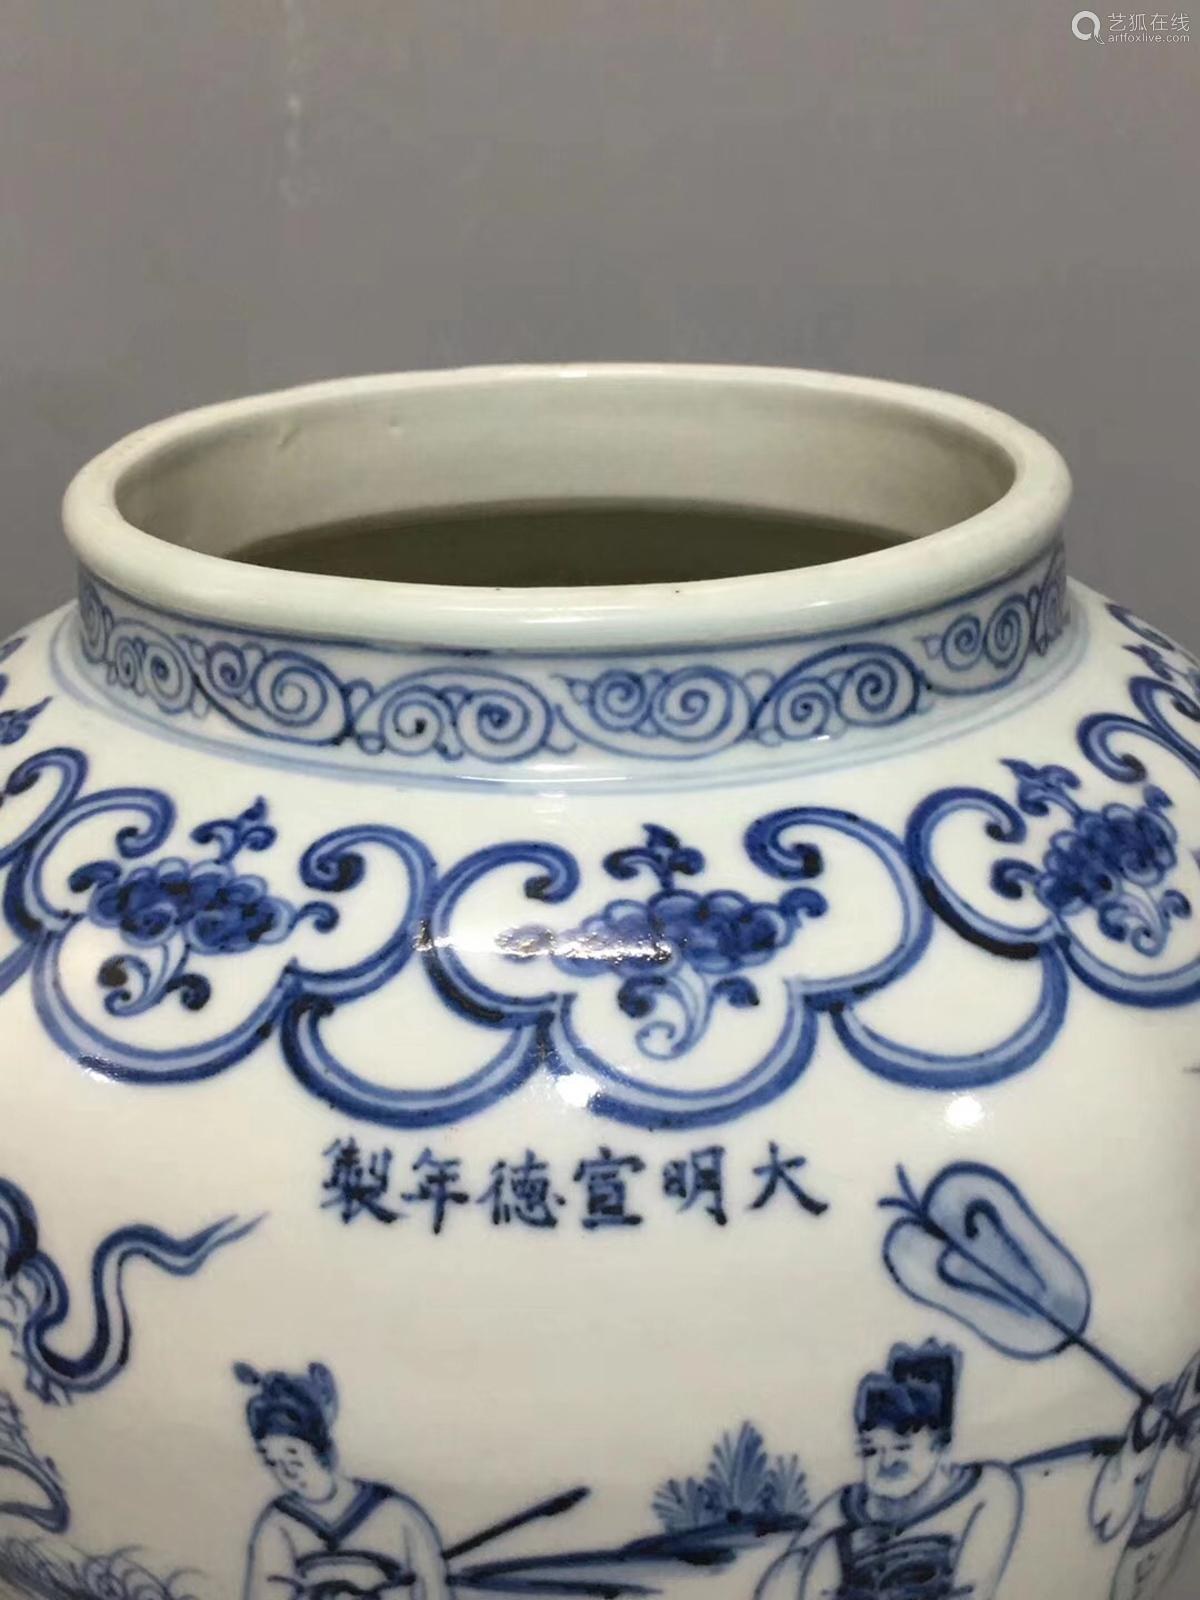 A BLUE&WHITE STORY DESIGN JAR